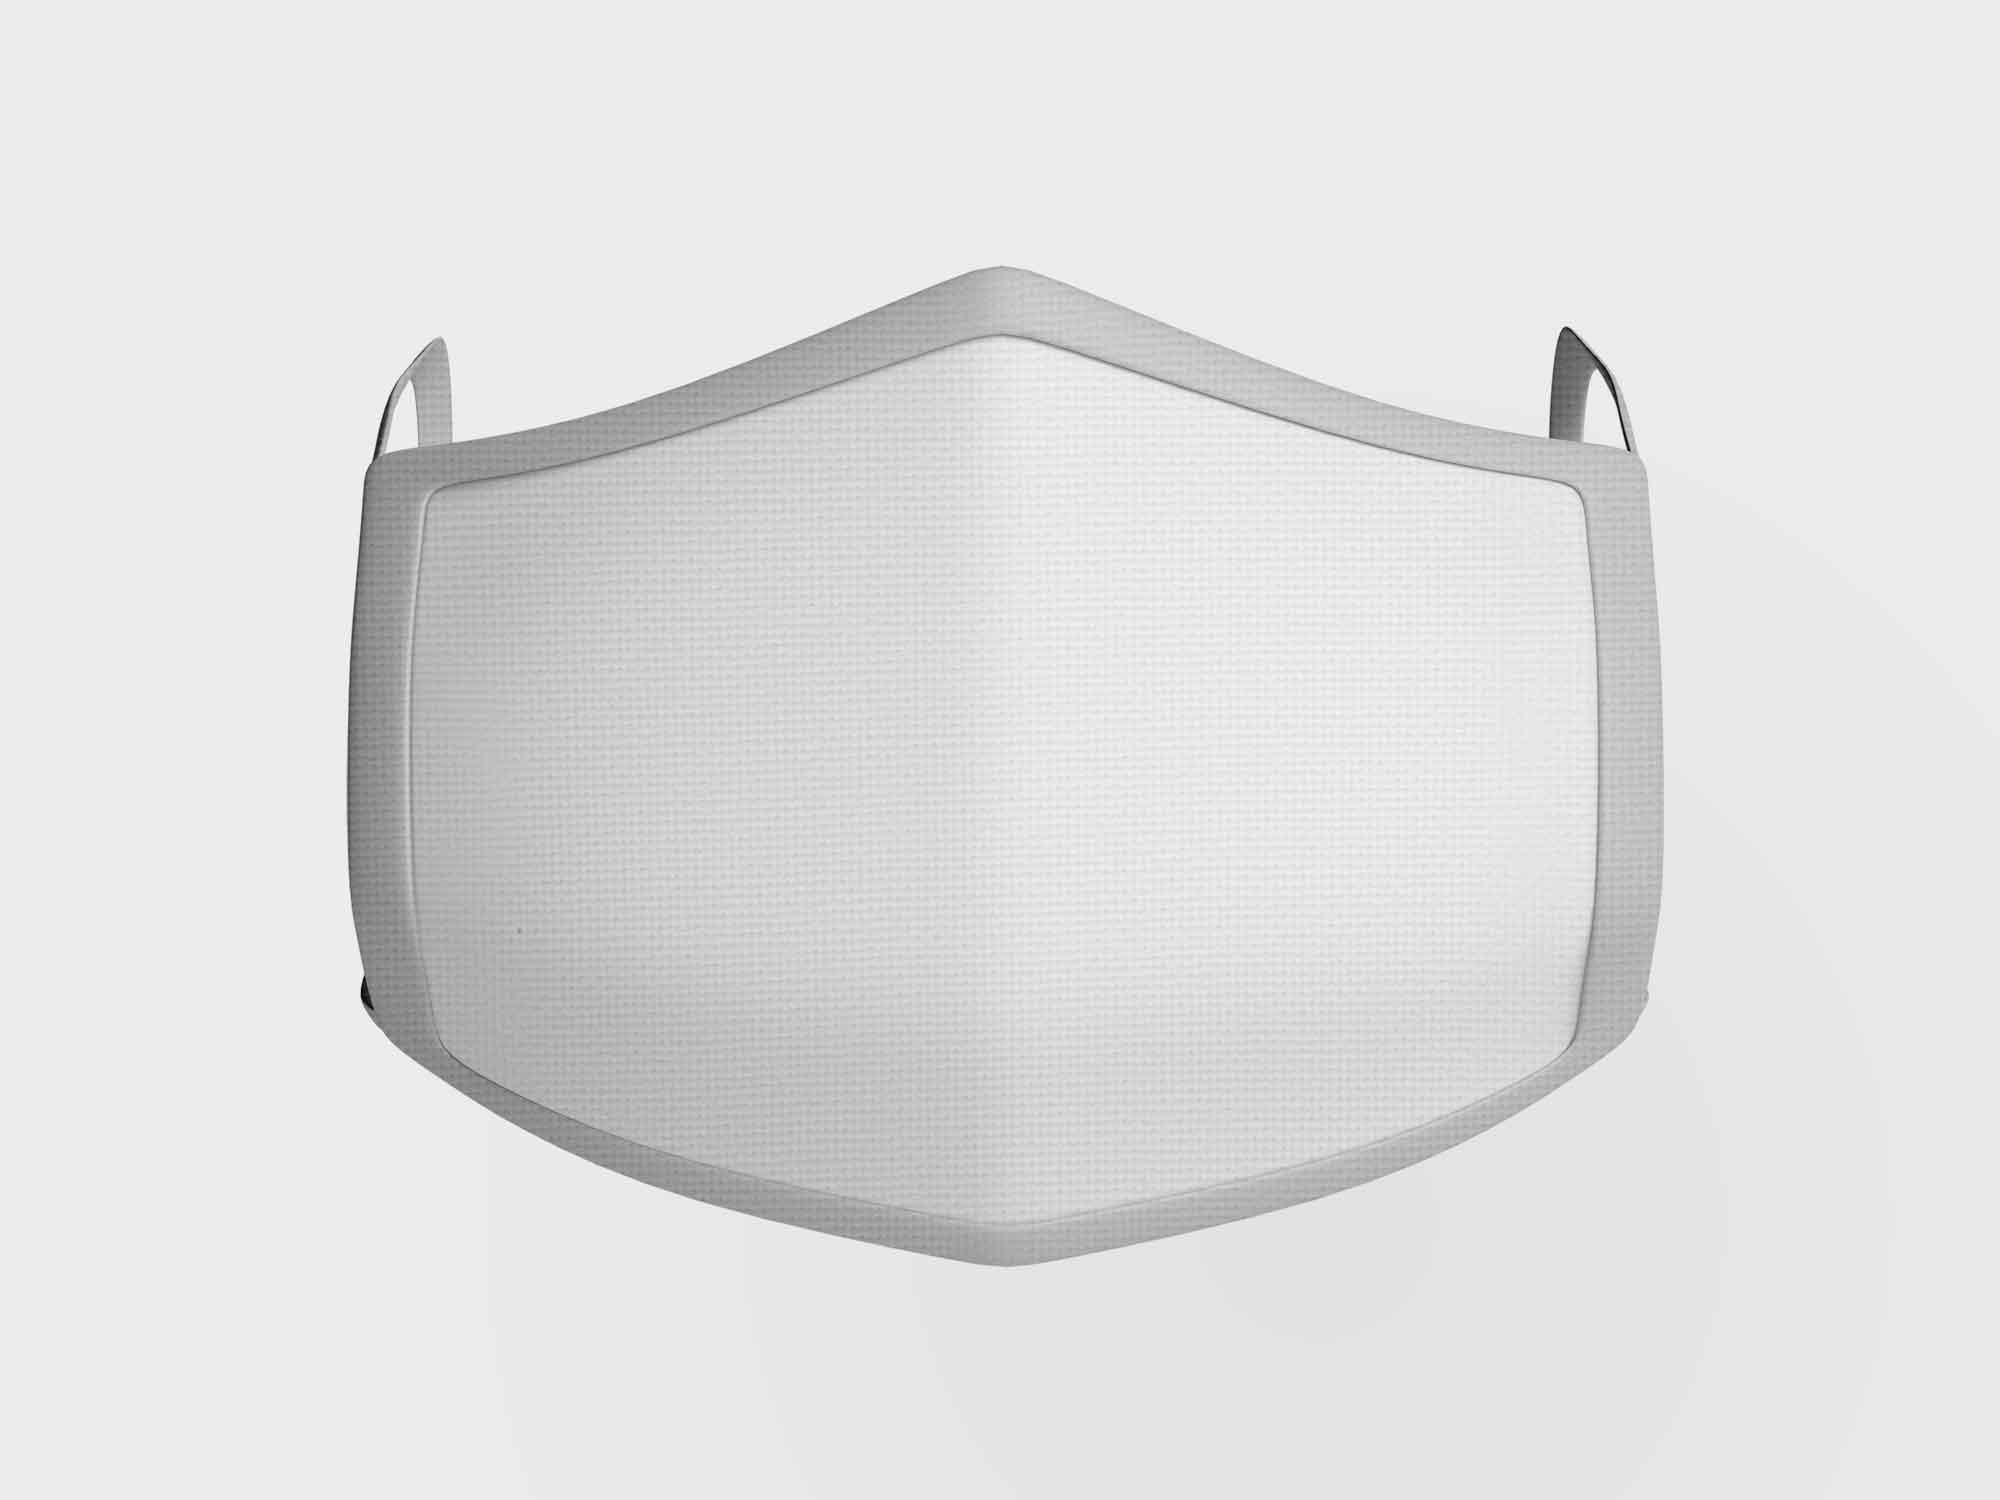 Isolated Face Mask Mockup 2